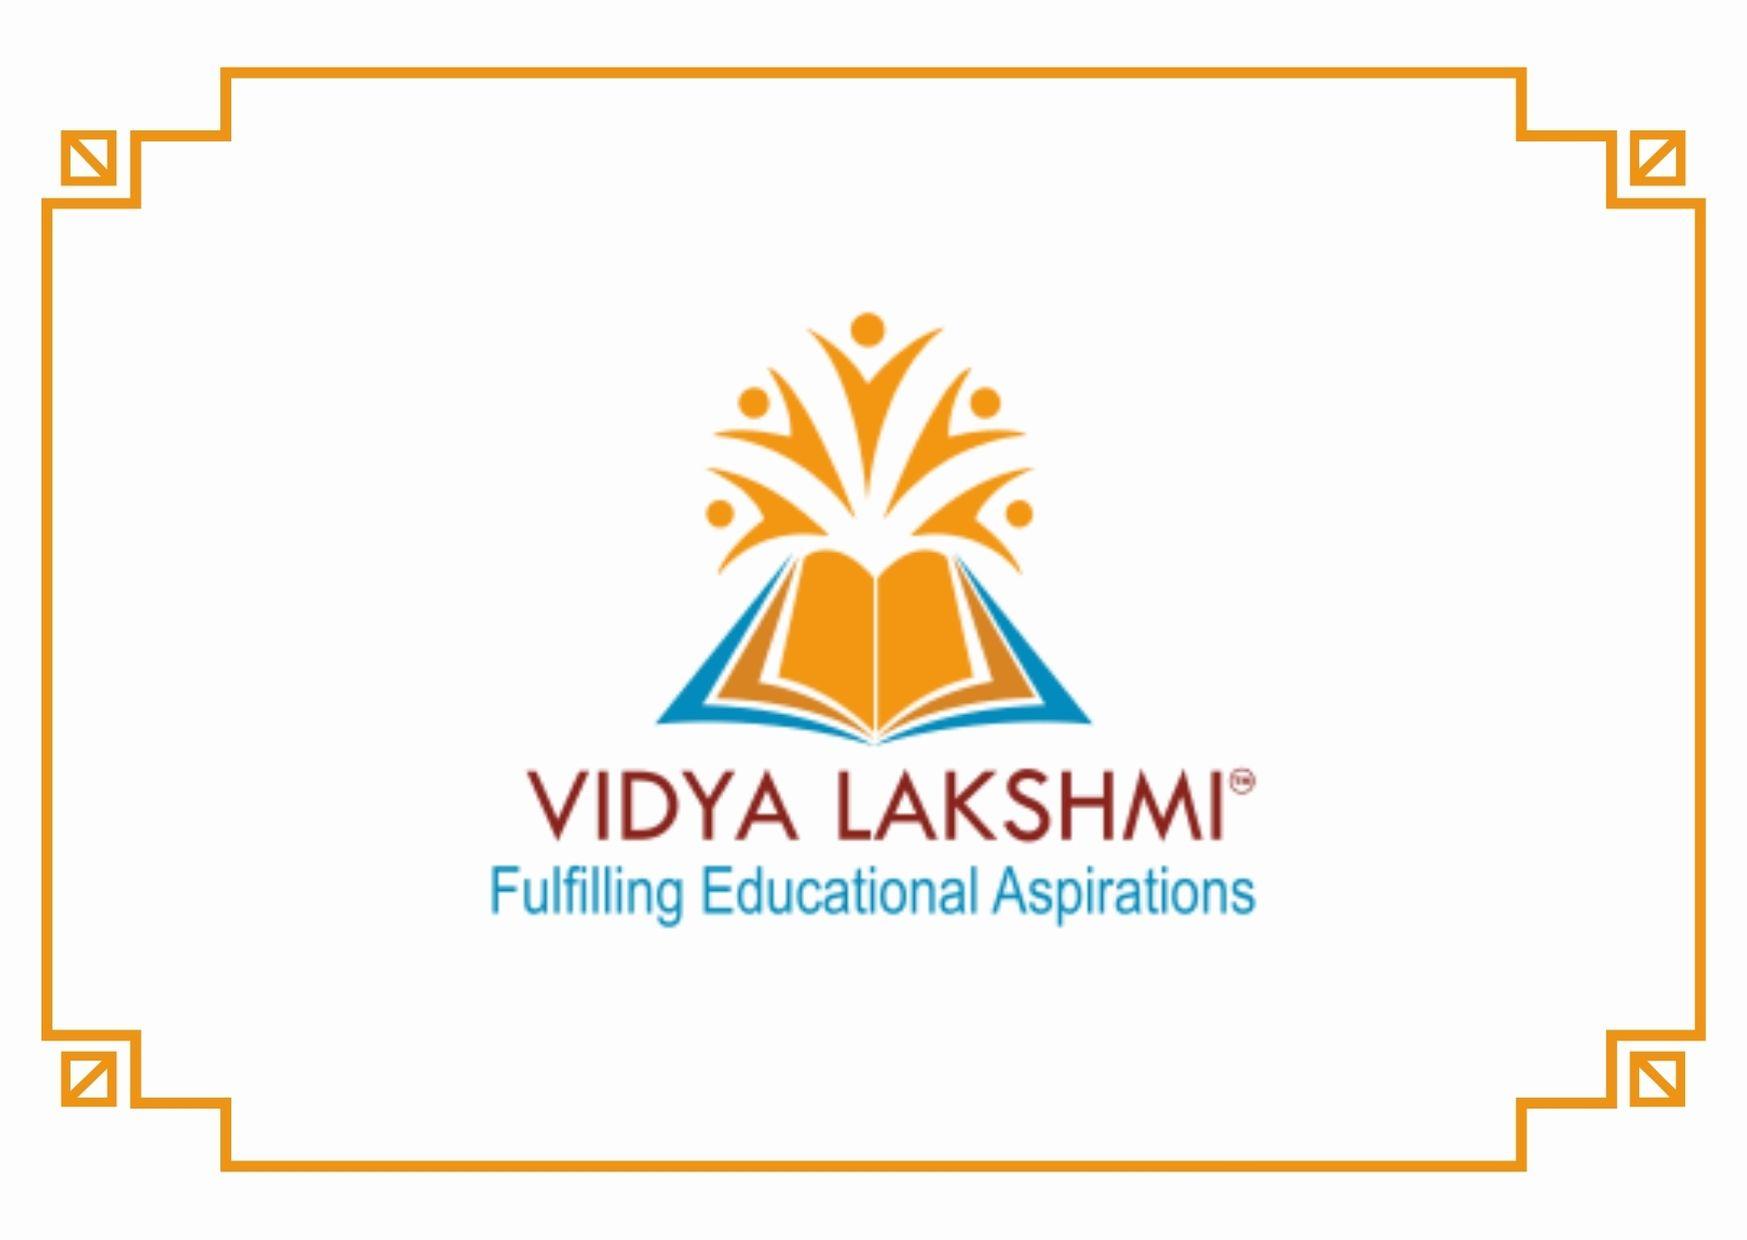 Vidya Lakshmi Portal Education Loan